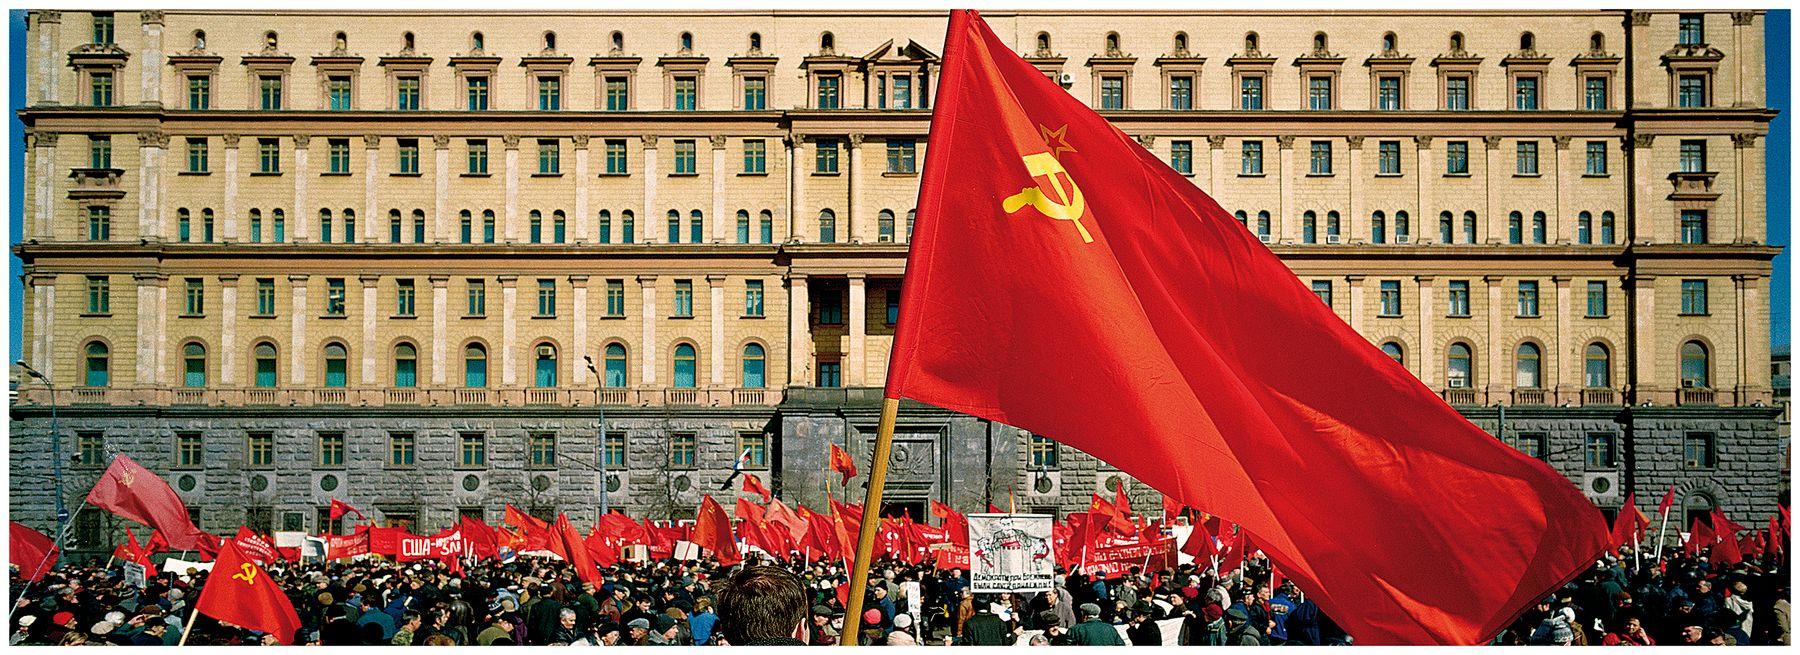 ***Это есть их последний и... КГБ Митинг красные знамена красное знамя толпа